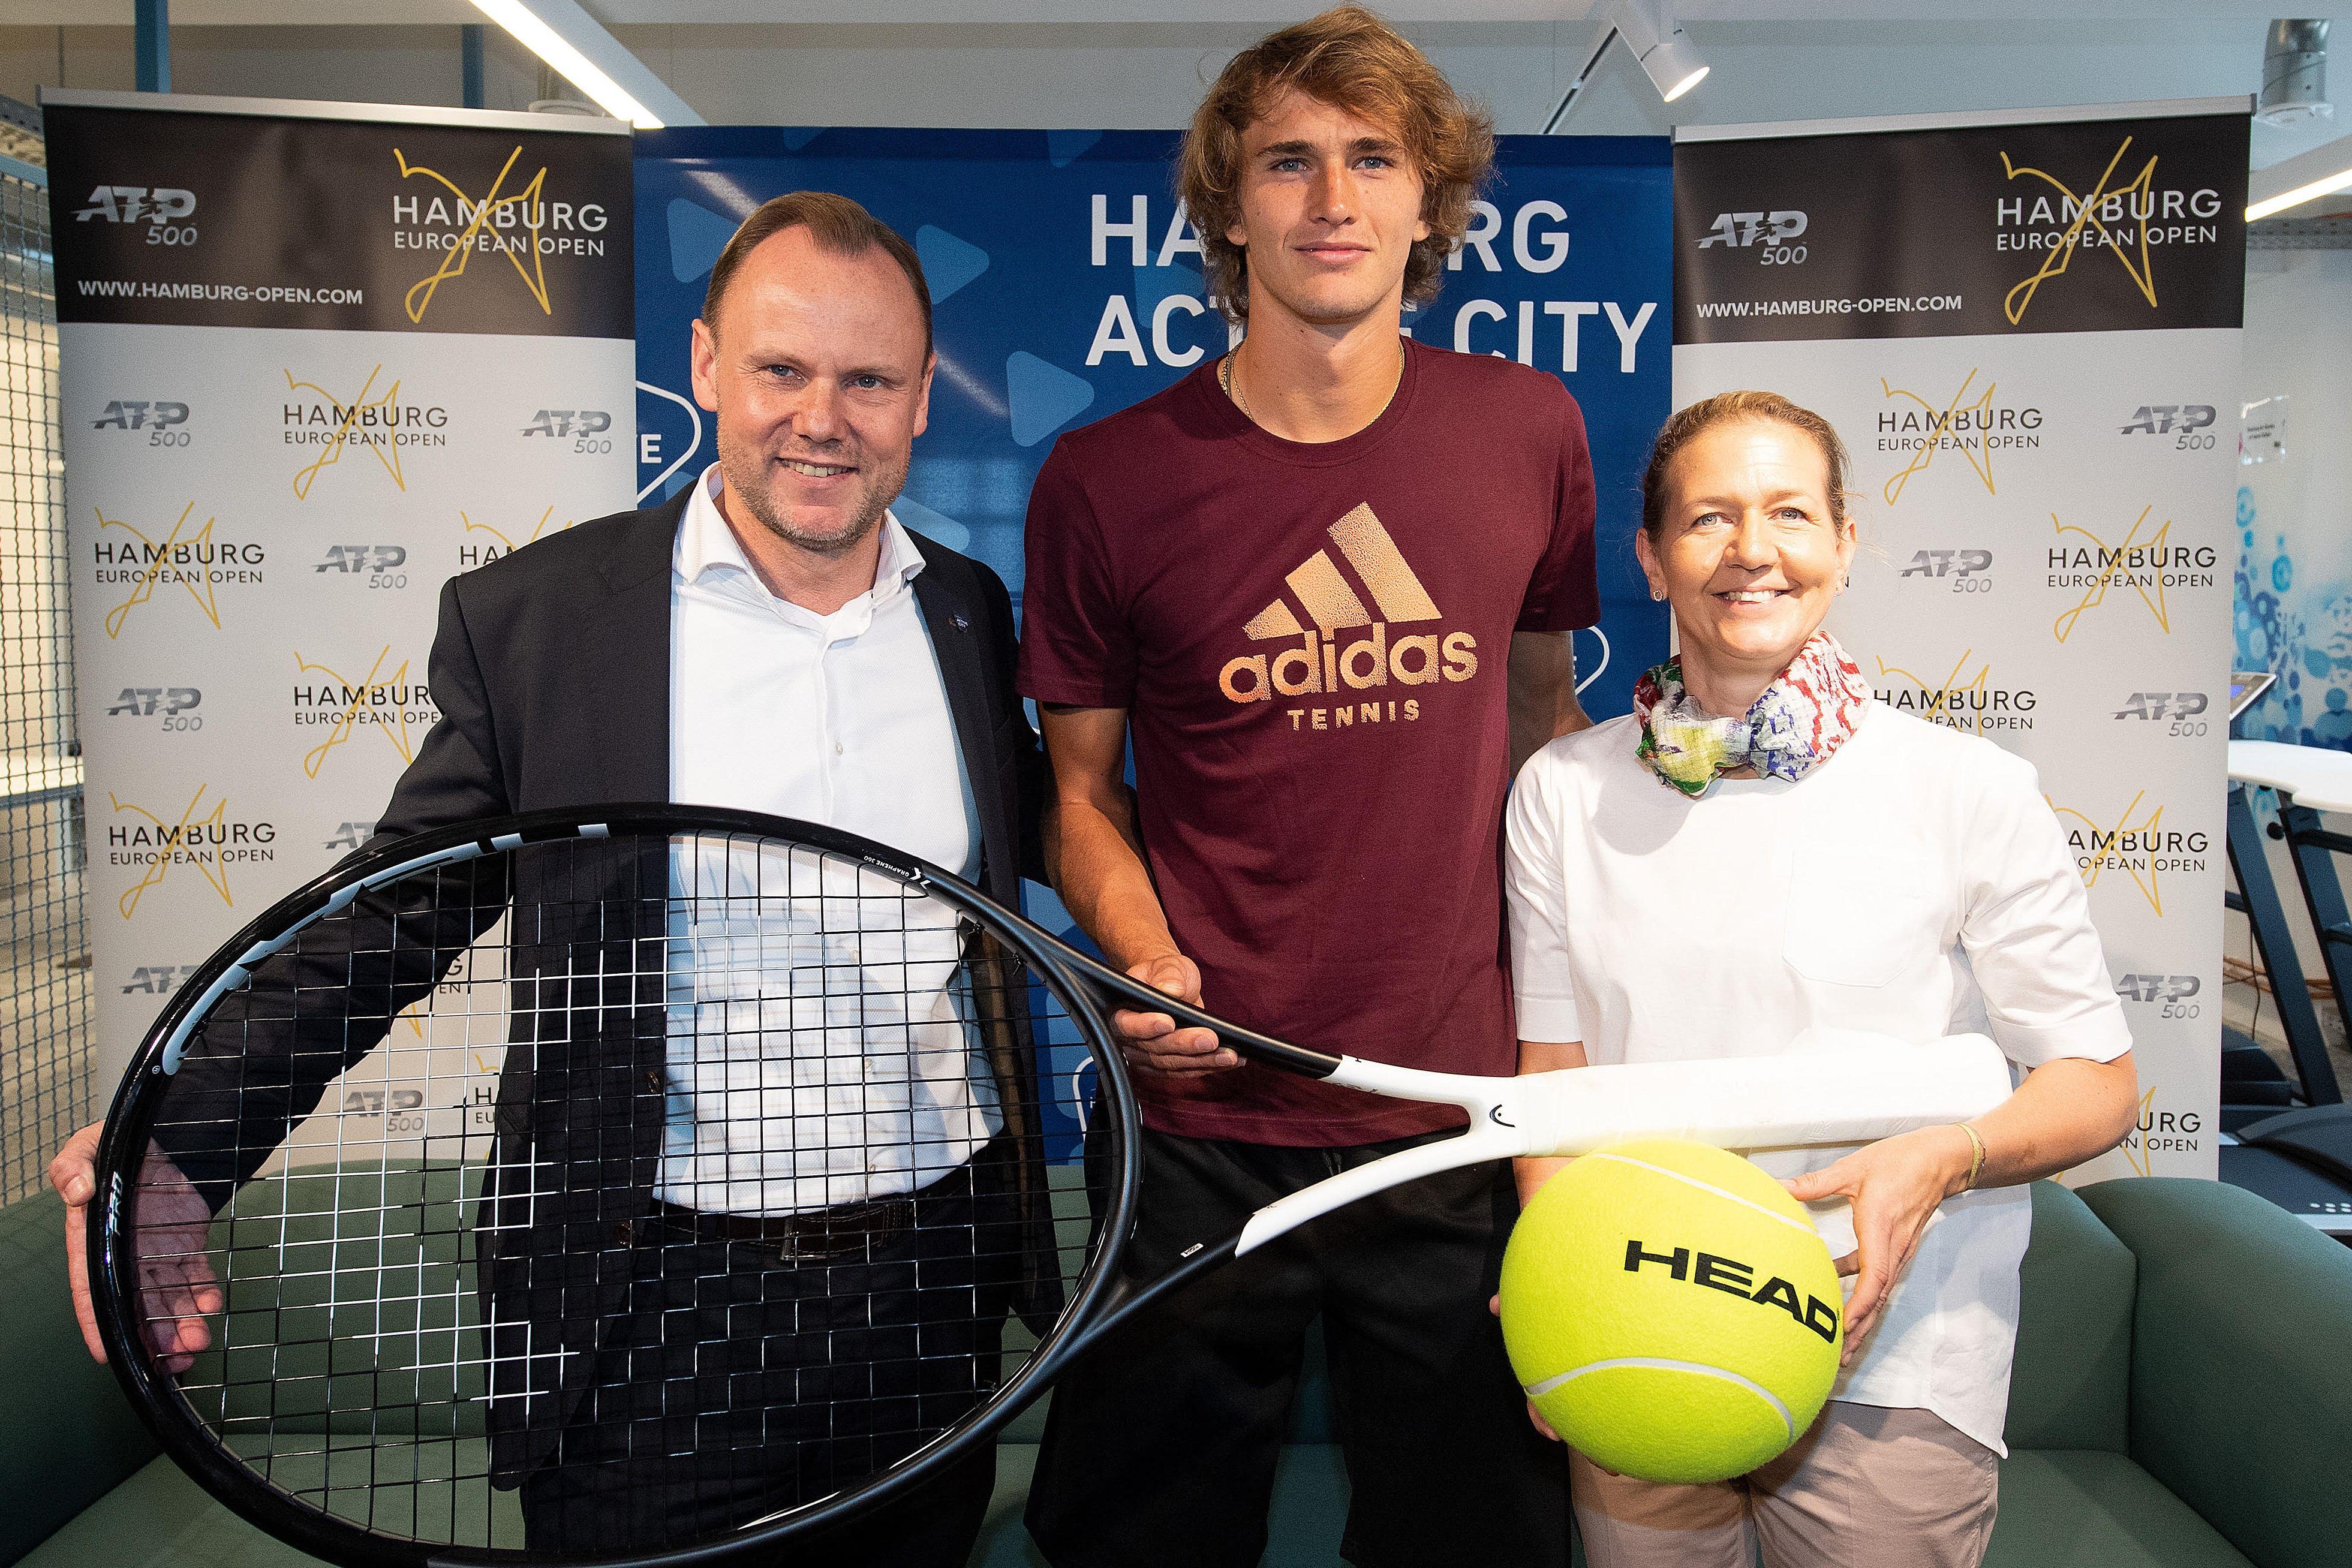 Hamburg European Open: Die Zverev-Brüder schlagen auf